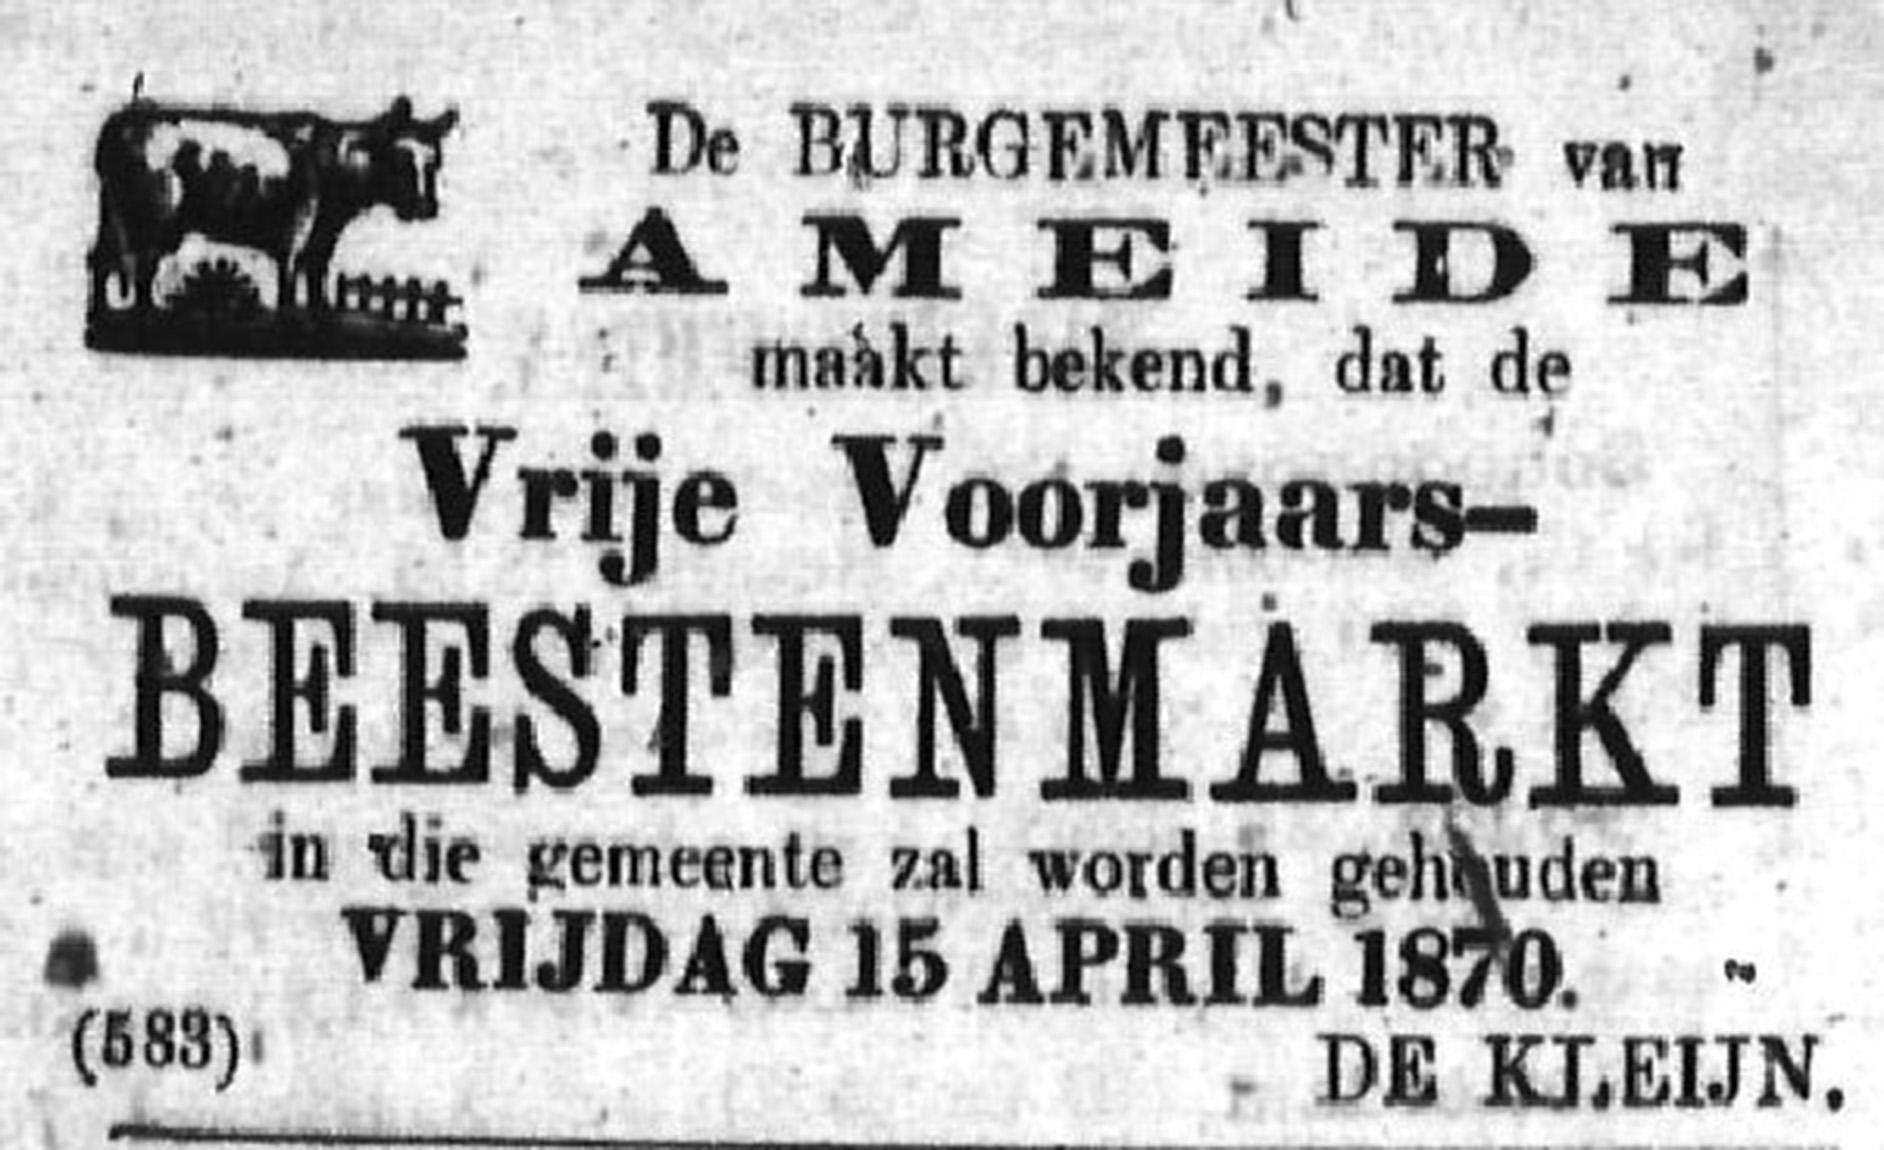 Schoonhovensche Courant 00039 1870-04-03 artikel 1